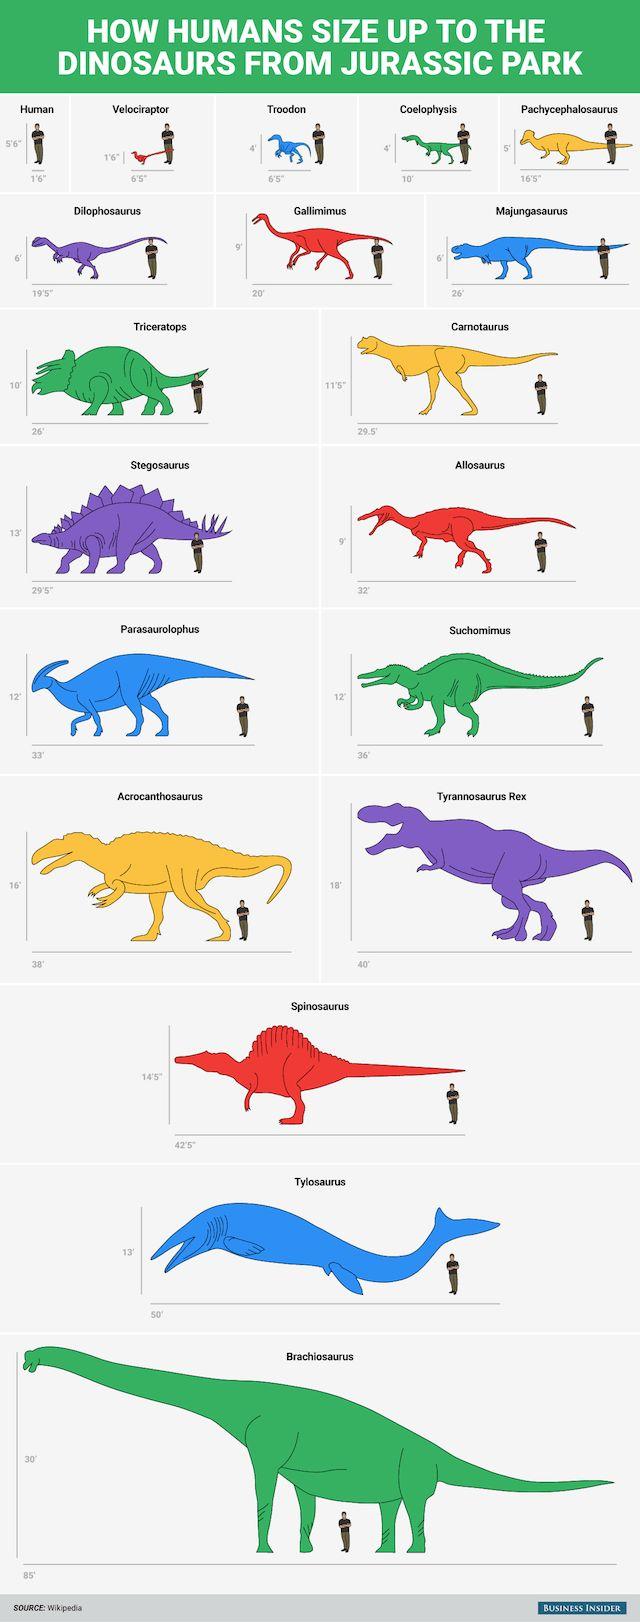 Gracias al reciente estreno de Jurassic World, estamos en medio del resurgimiento de la euforia por los dinosaurios. Y sin duda, una de las cosas que más nos impactan de estos animales es su tamaño. Sin embargo, ¿realmente eran del tamaño que se muestran en la película? Para salir de dudas, les presentamos una infografia […]